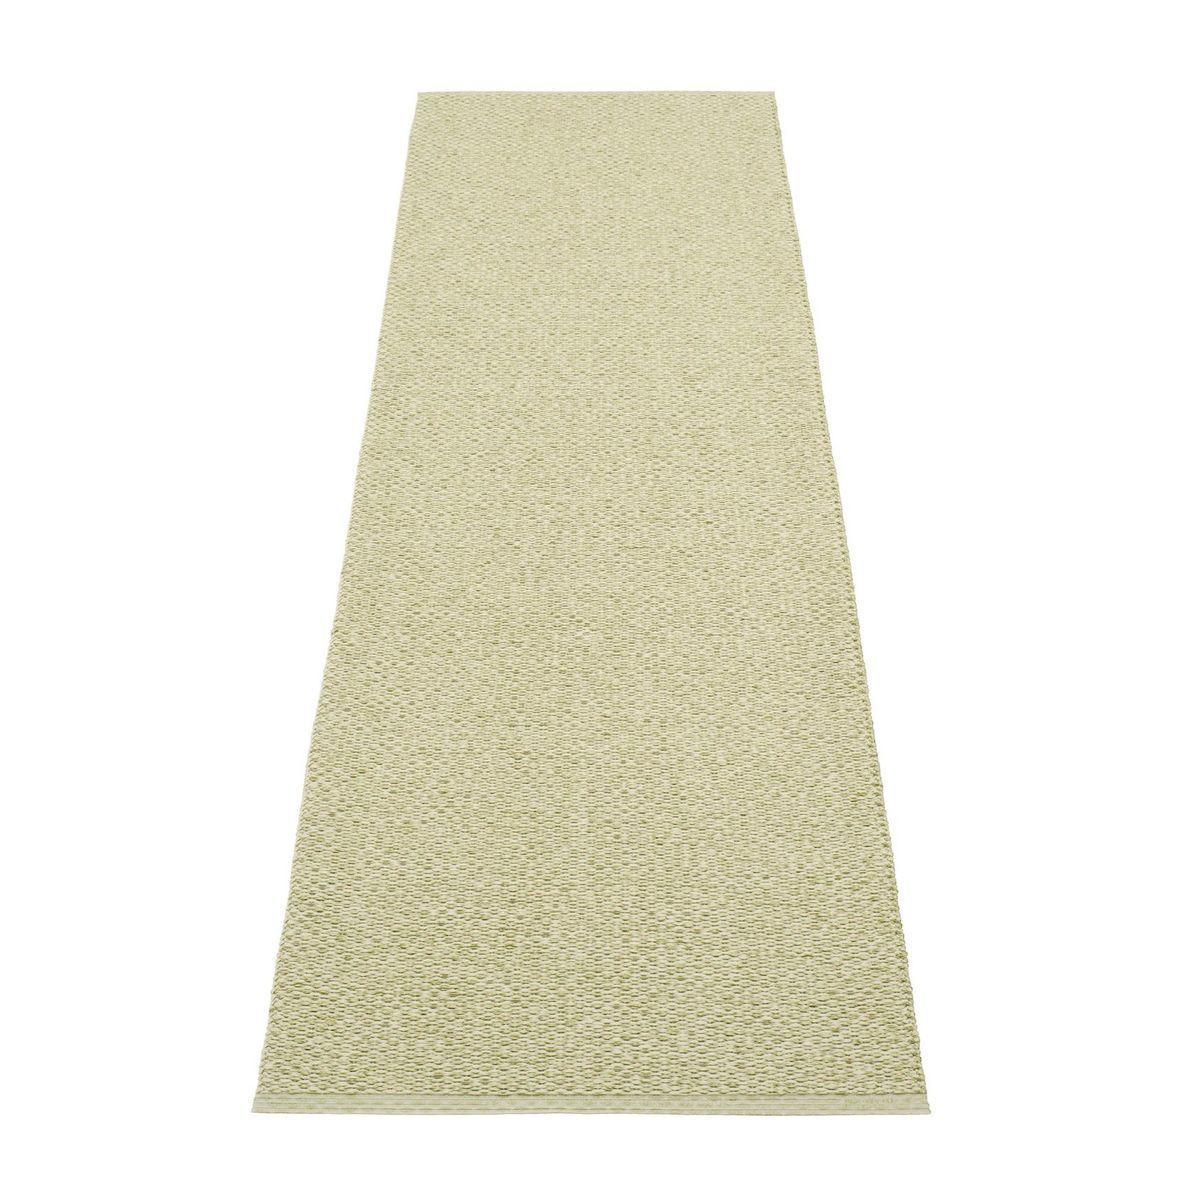 svea tapis pour l 39 ext rieur 70x240cm pappelina. Black Bedroom Furniture Sets. Home Design Ideas